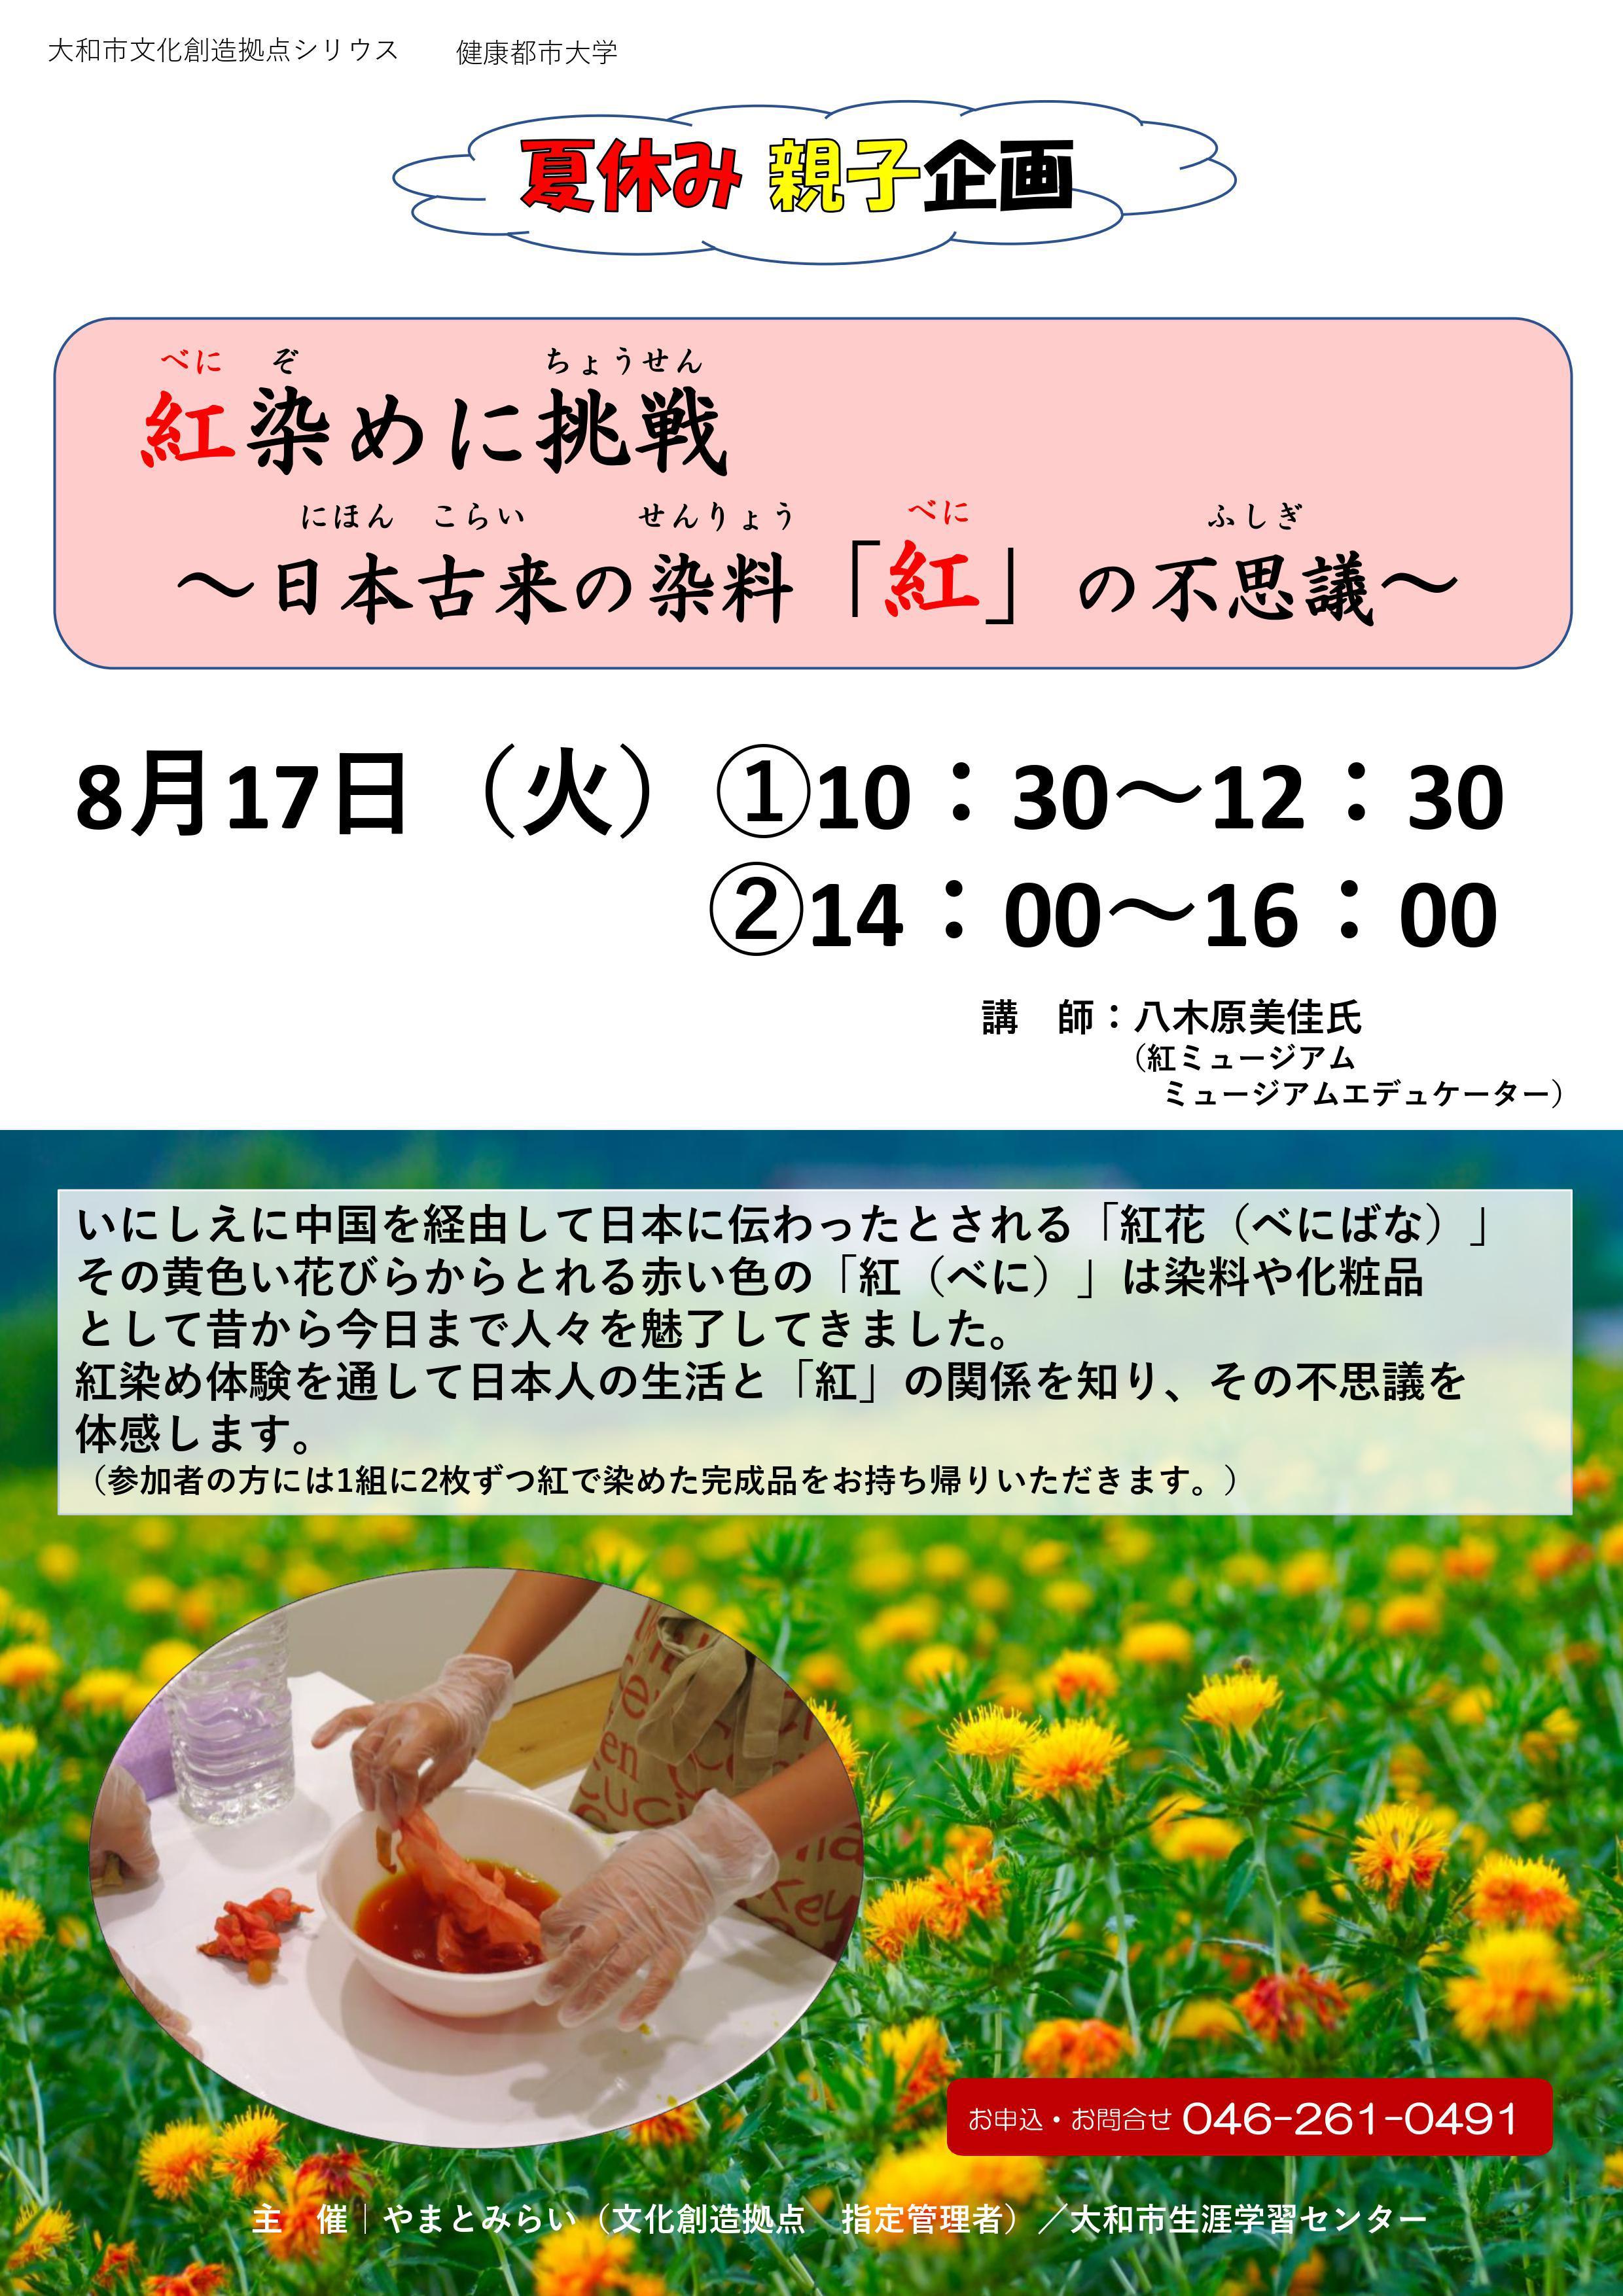 健康都市大学 夏休み W 親子企画「紅染めに挑戦~日本古来の染料「紅(べに)」の不思議」